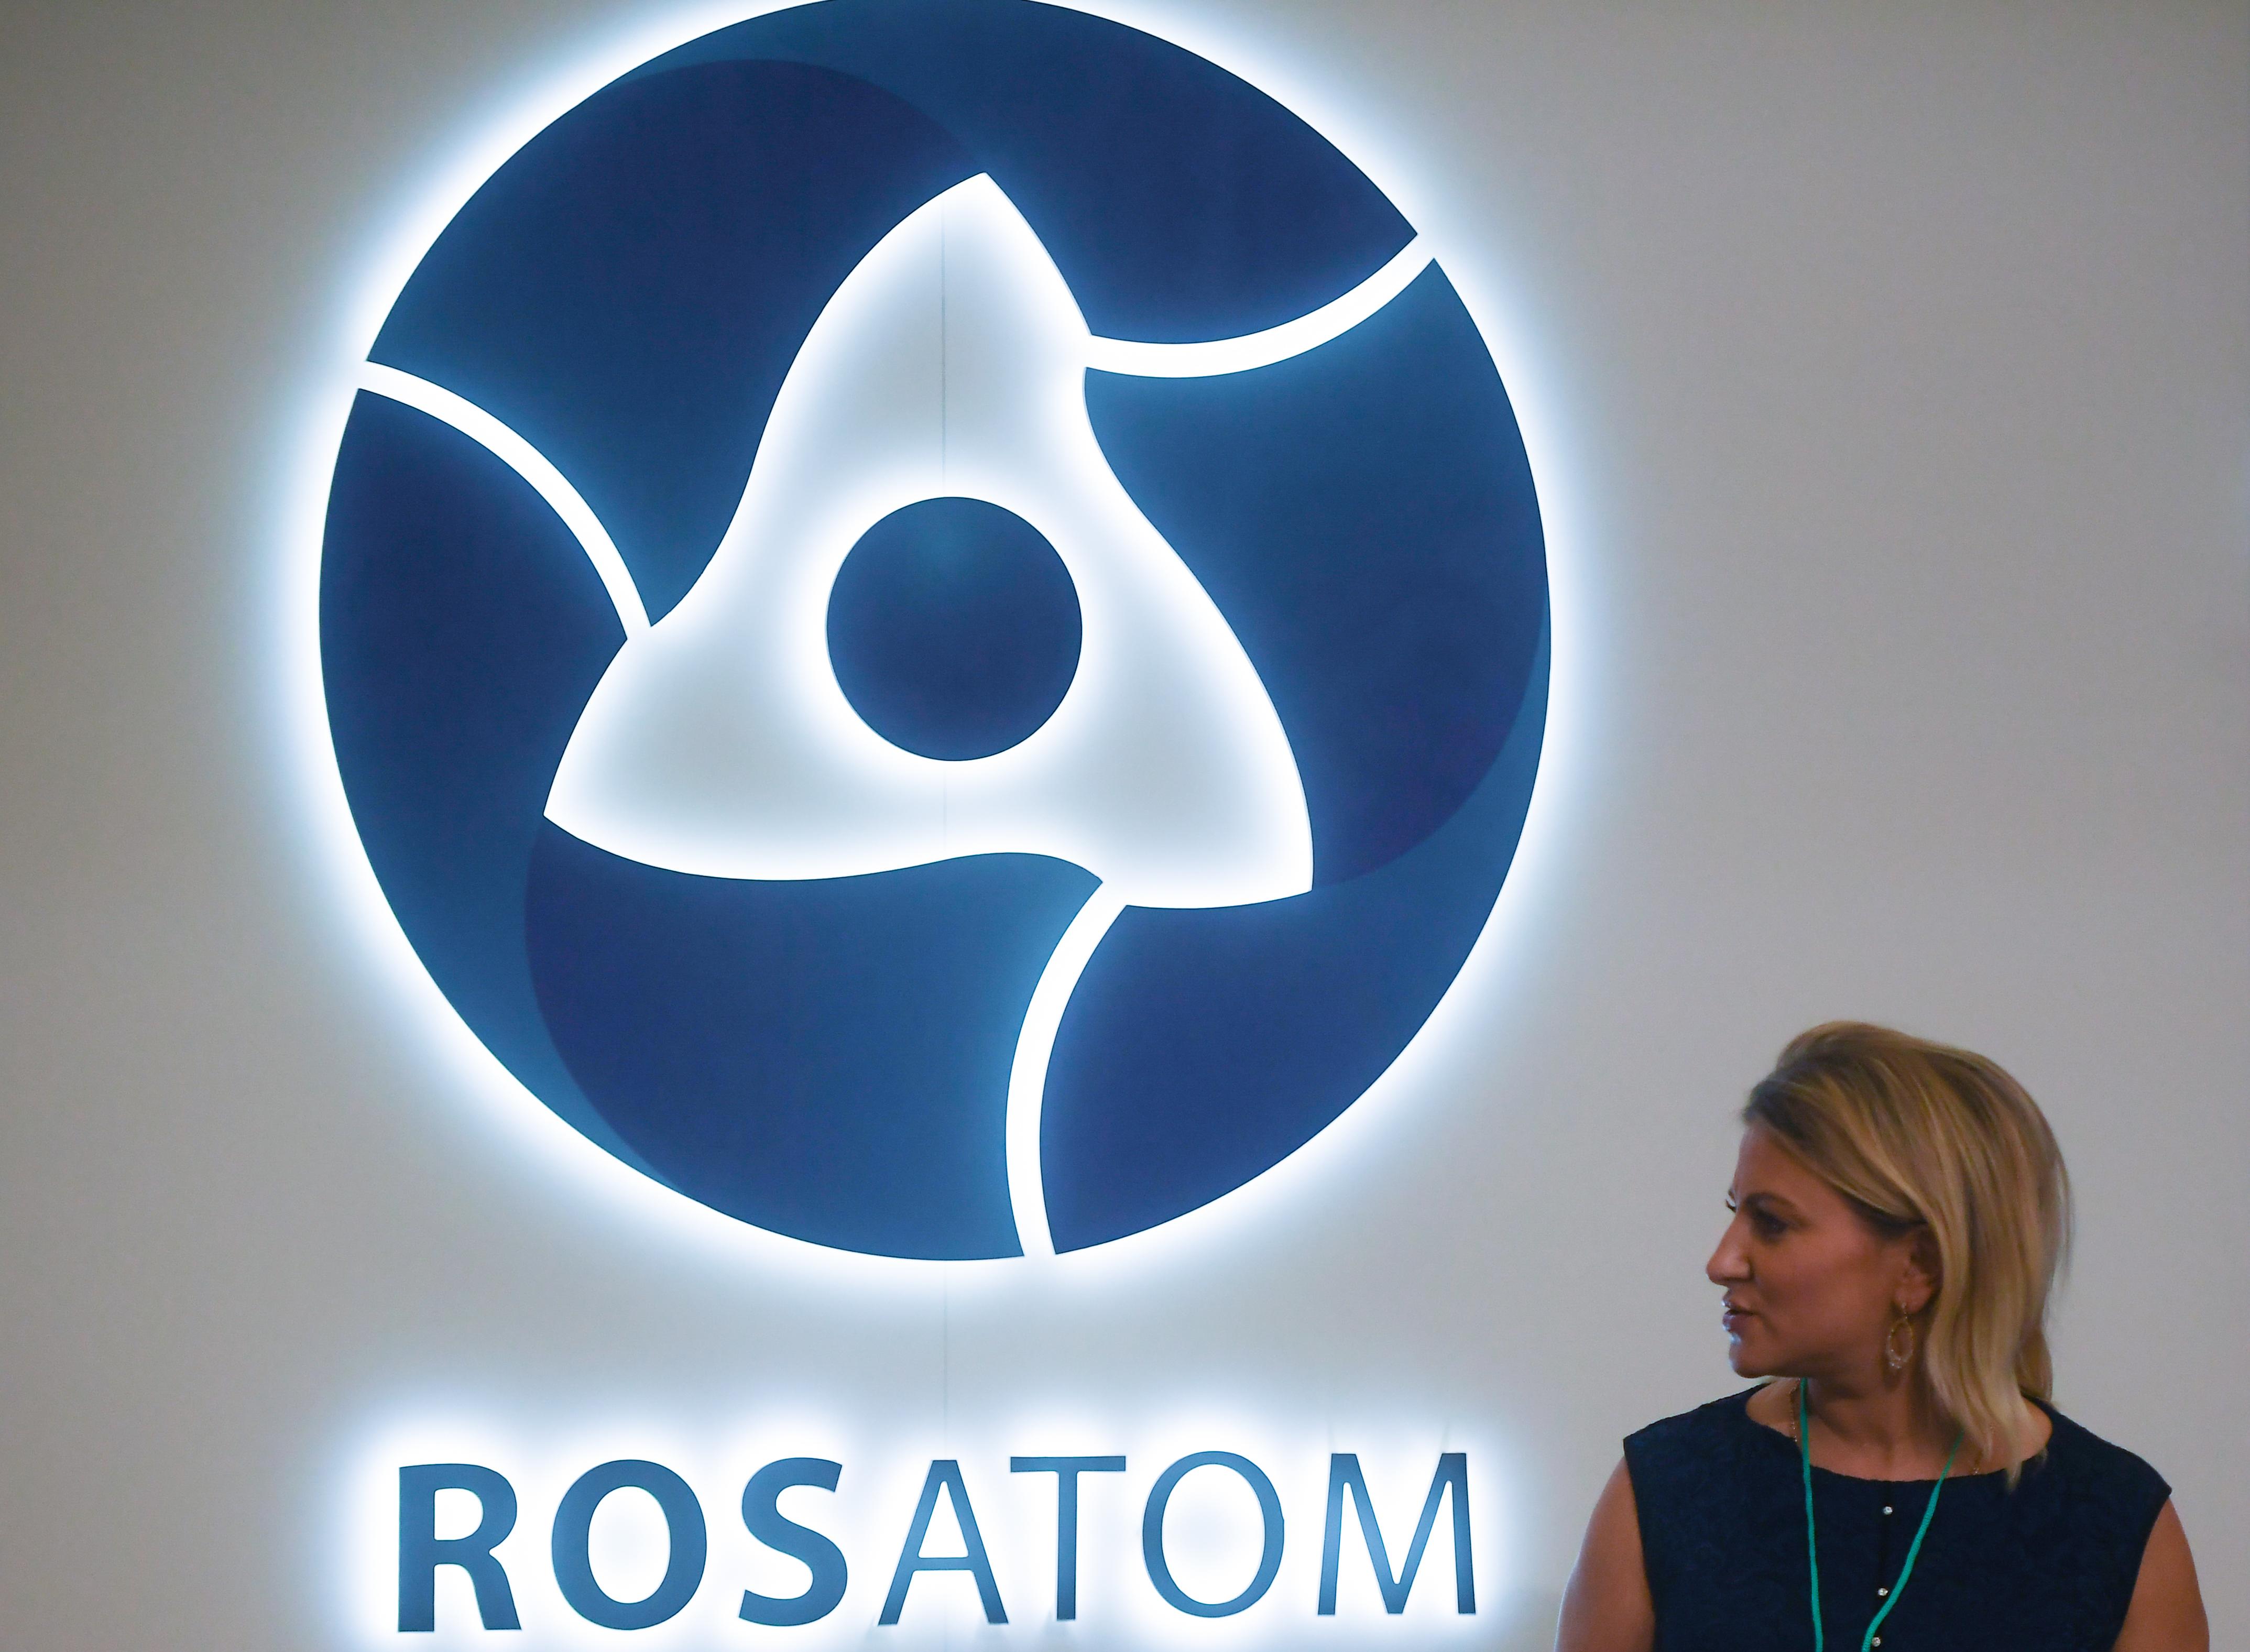 A cseh kormány kizárja a Roszatomot a tervezett atomerőmű-építési tender előkészítéséből